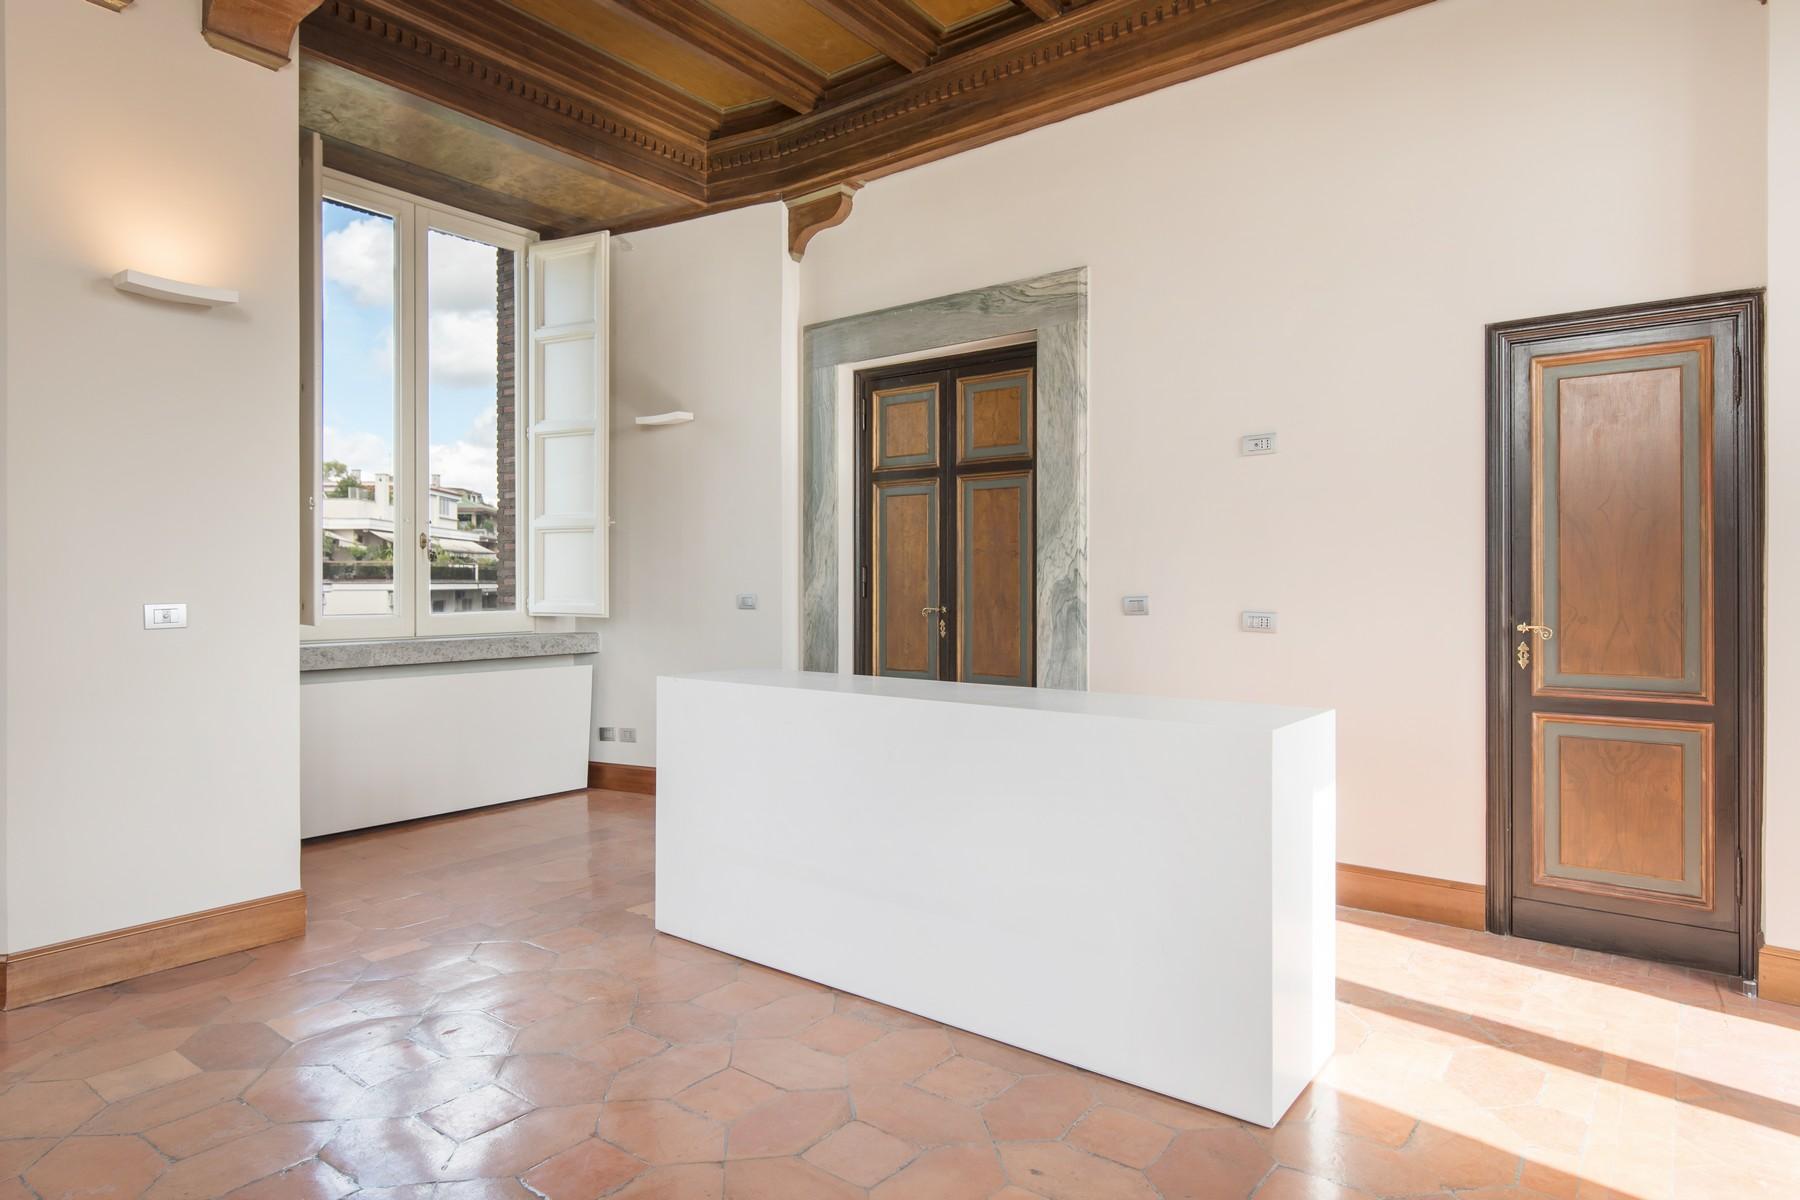 位于著名的Brasini别墅内的优雅的公寓 - 11